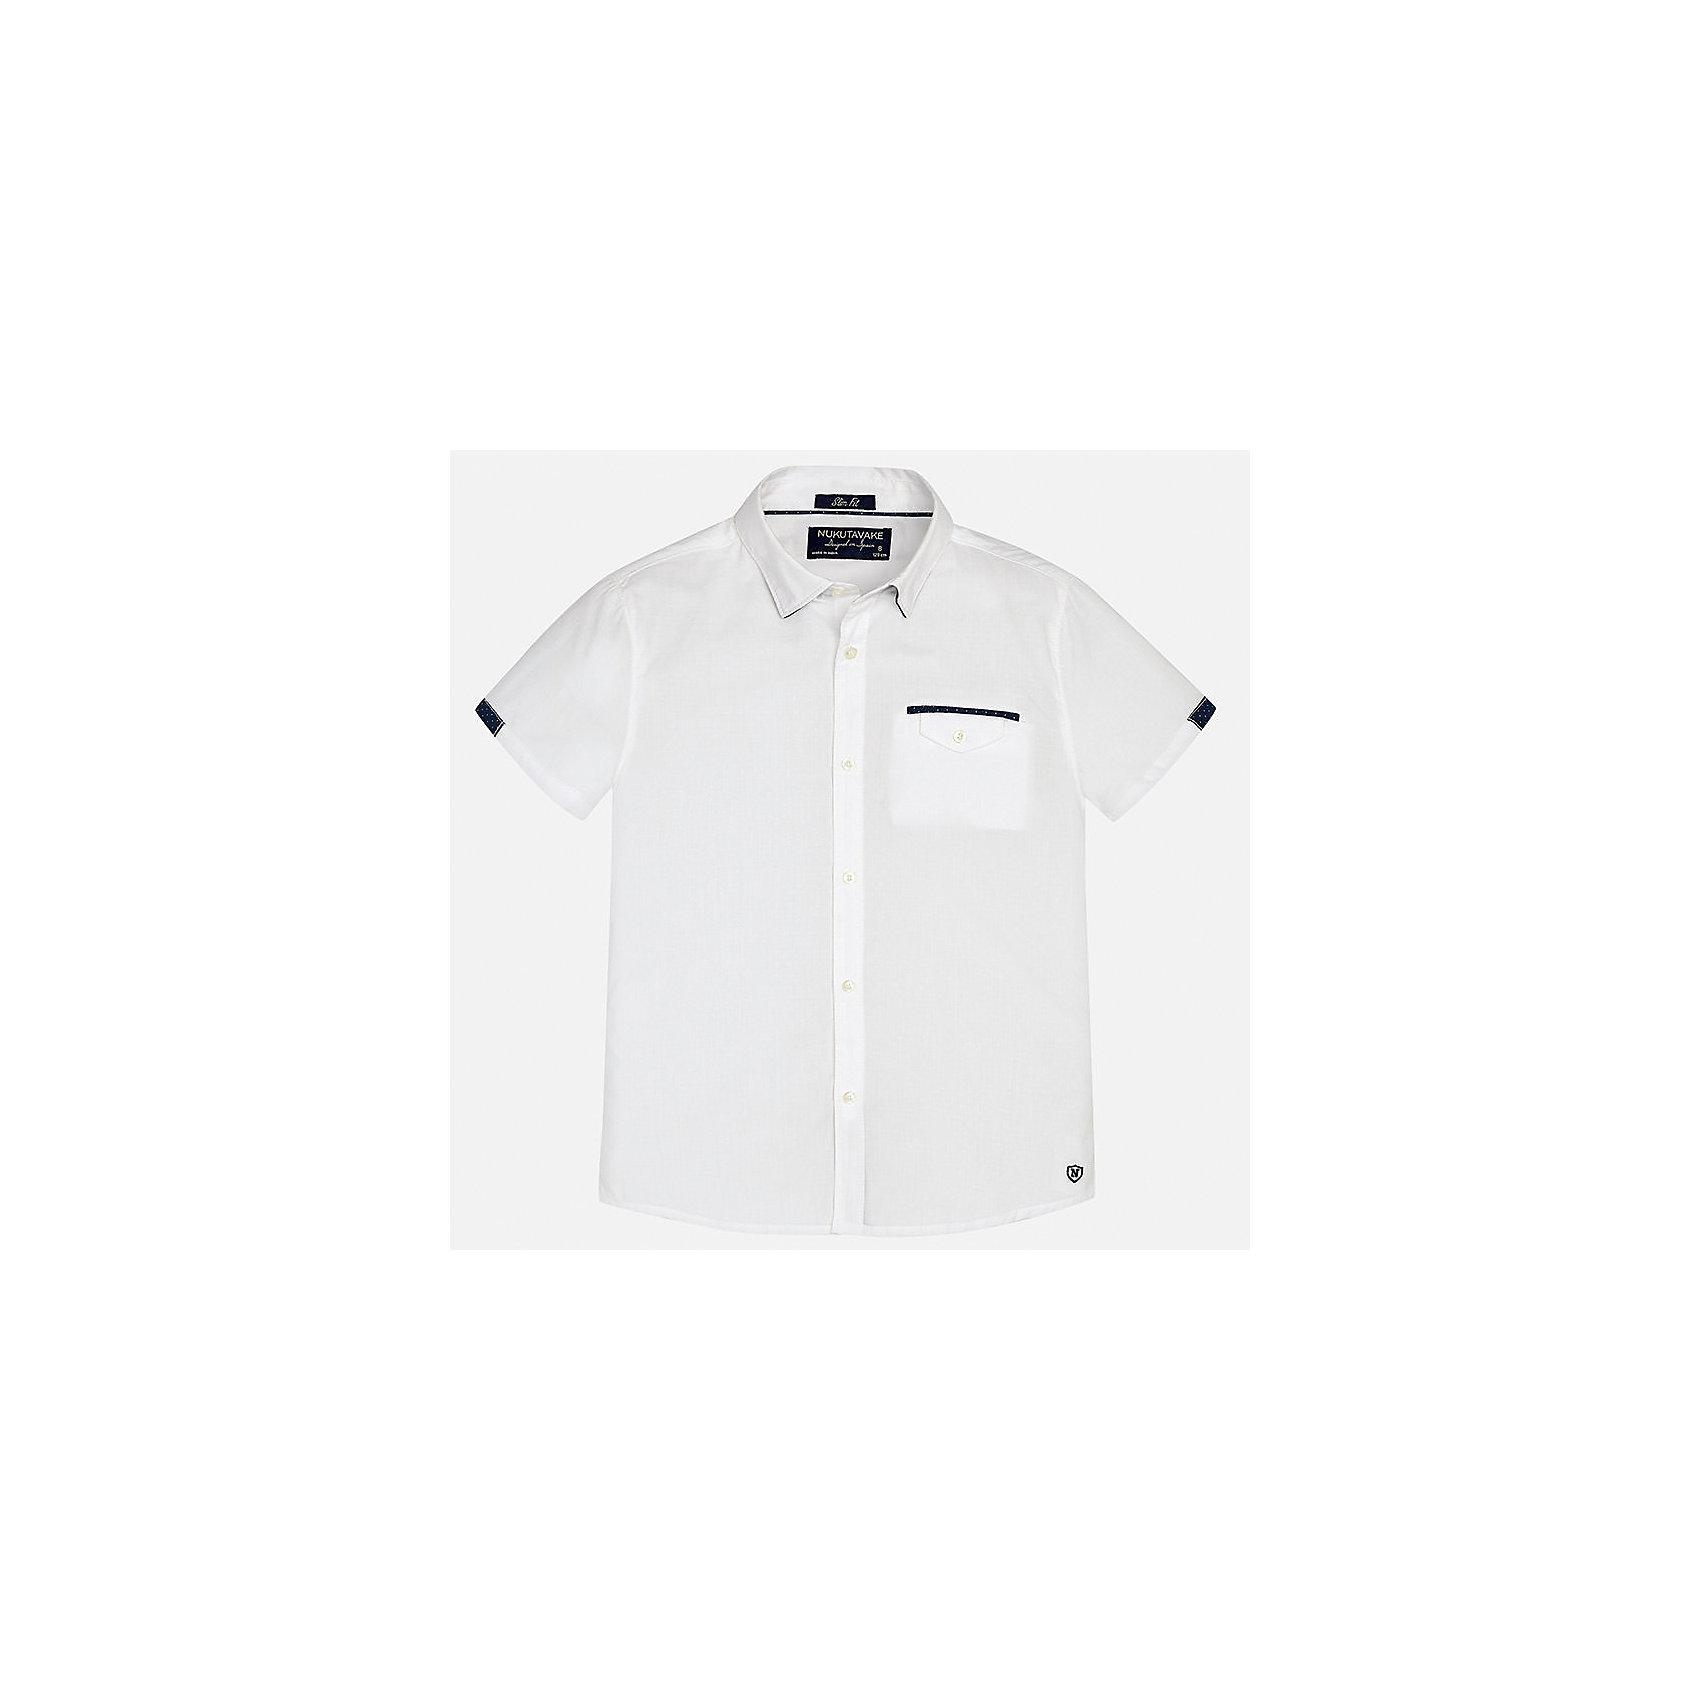 Рубашка для мальчика MayoralБлузки и рубашки<br>Характеристики товара:<br><br>• цвет: белый<br>• состав: 100% хлопок<br>• отложной воротник<br>• декорирована карманом на груди<br>• короткие рукава<br>• застежки: пуговицы<br>• страна бренда: Испания<br><br>Модная рубашка поможет разнообразить гардероб мальчика. Она отлично сочетается с брюками, шортами, джинсами. Универсальный крой и цвет позволяет подобрать к вещи низ разных расцветок. Практичное и стильное изделие! Хорошо смотрится и комфортно сидит на детях. В составе материала - только натуральный хлопок, гипоаллергенный, приятный на ощупь, дышащий. <br><br>Одежда, обувь и аксессуары от испанского бренда Mayoral полюбились детям и взрослым по всему миру. Модели этой марки - стильные и удобные. Для их производства используются только безопасные, качественные материалы и фурнитура. Порадуйте ребенка модными и красивыми вещами от Mayoral! <br><br>Рубашку для мальчика от испанского бренда Mayoral (Майорал) можно купить в нашем интернет-магазине.<br><br>Ширина мм: 174<br>Глубина мм: 10<br>Высота мм: 169<br>Вес г: 157<br>Цвет: белый<br>Возраст от месяцев: 156<br>Возраст до месяцев: 168<br>Пол: Мужской<br>Возраст: Детский<br>Размер: 170,140,128/134,164,158,152<br>SKU: 5281596